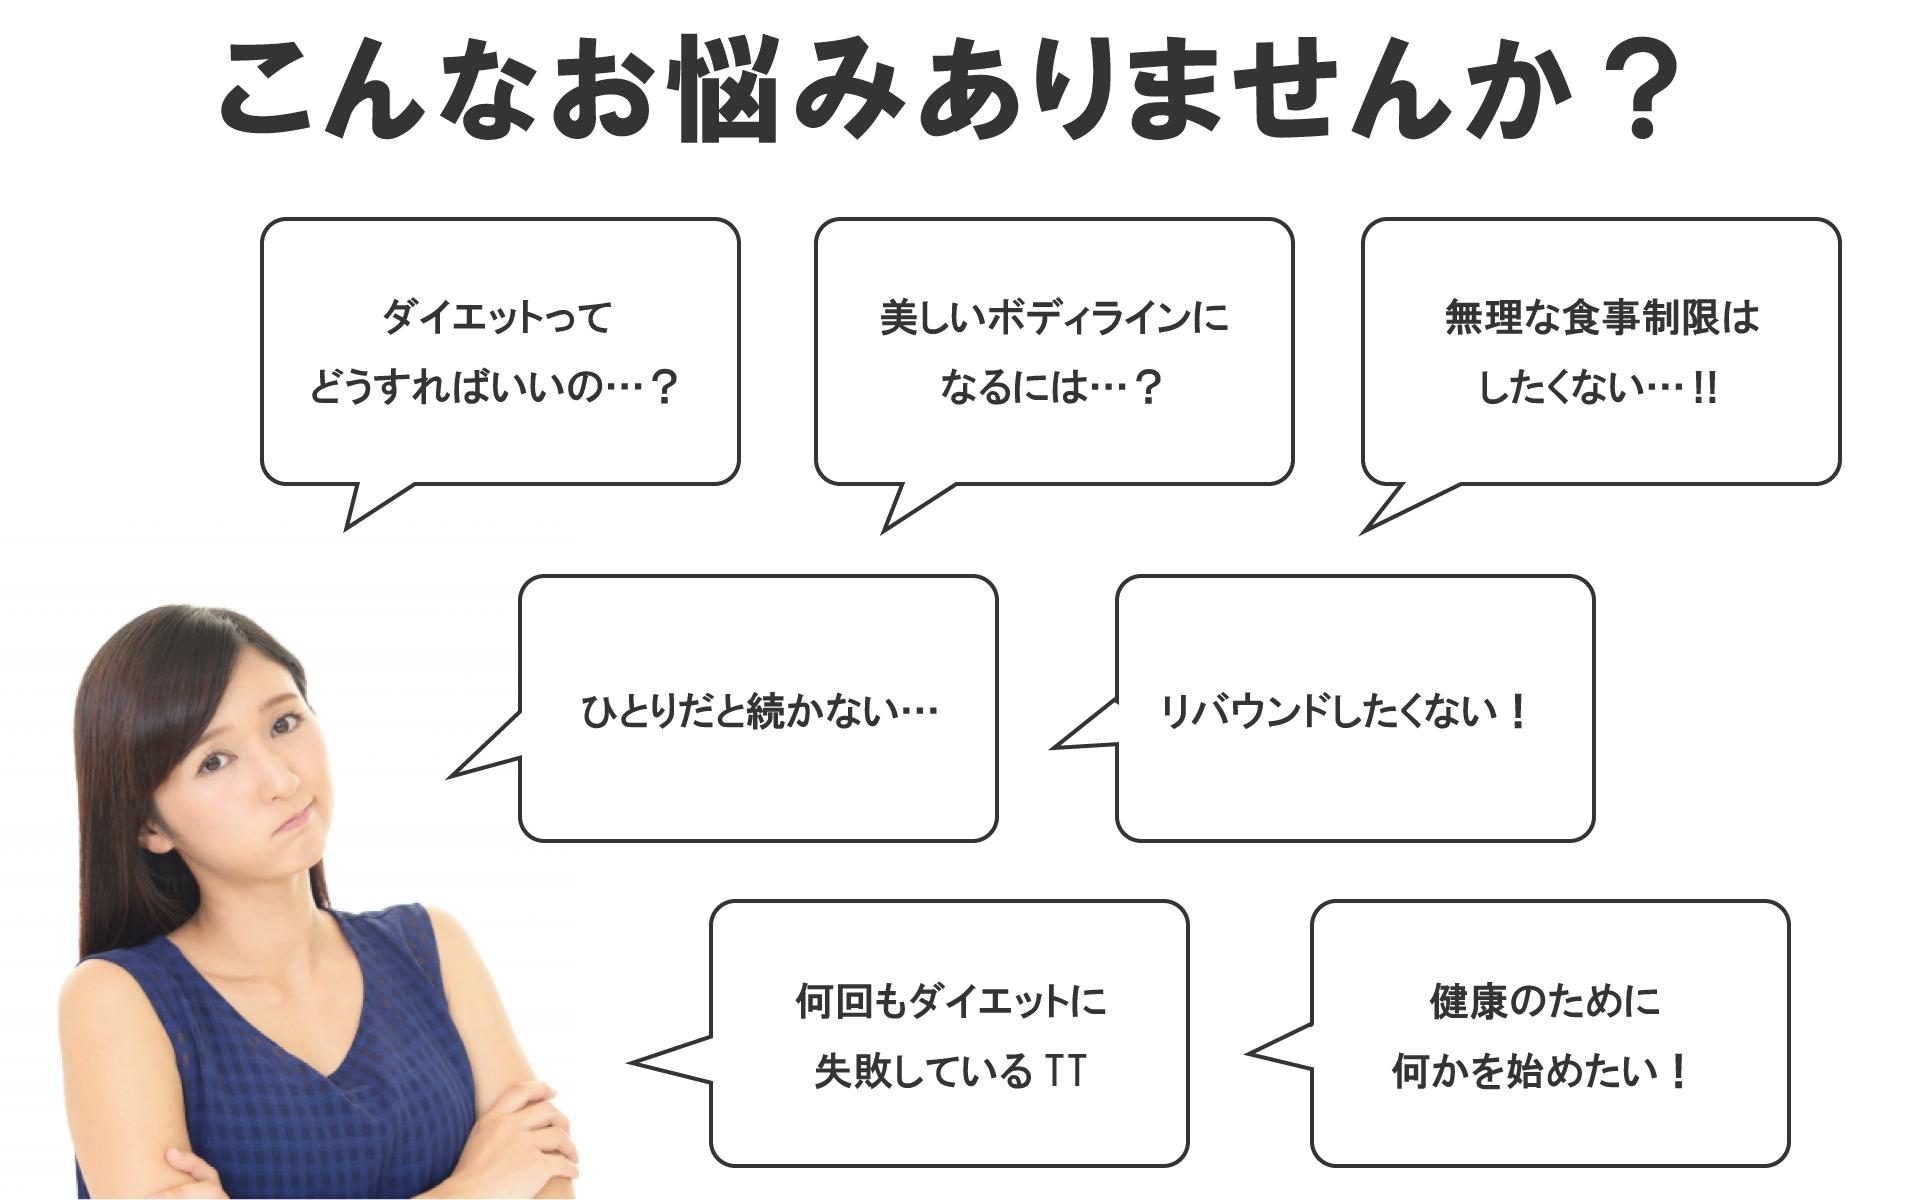 Do'it.こんなお悩みありませんか?.jpg